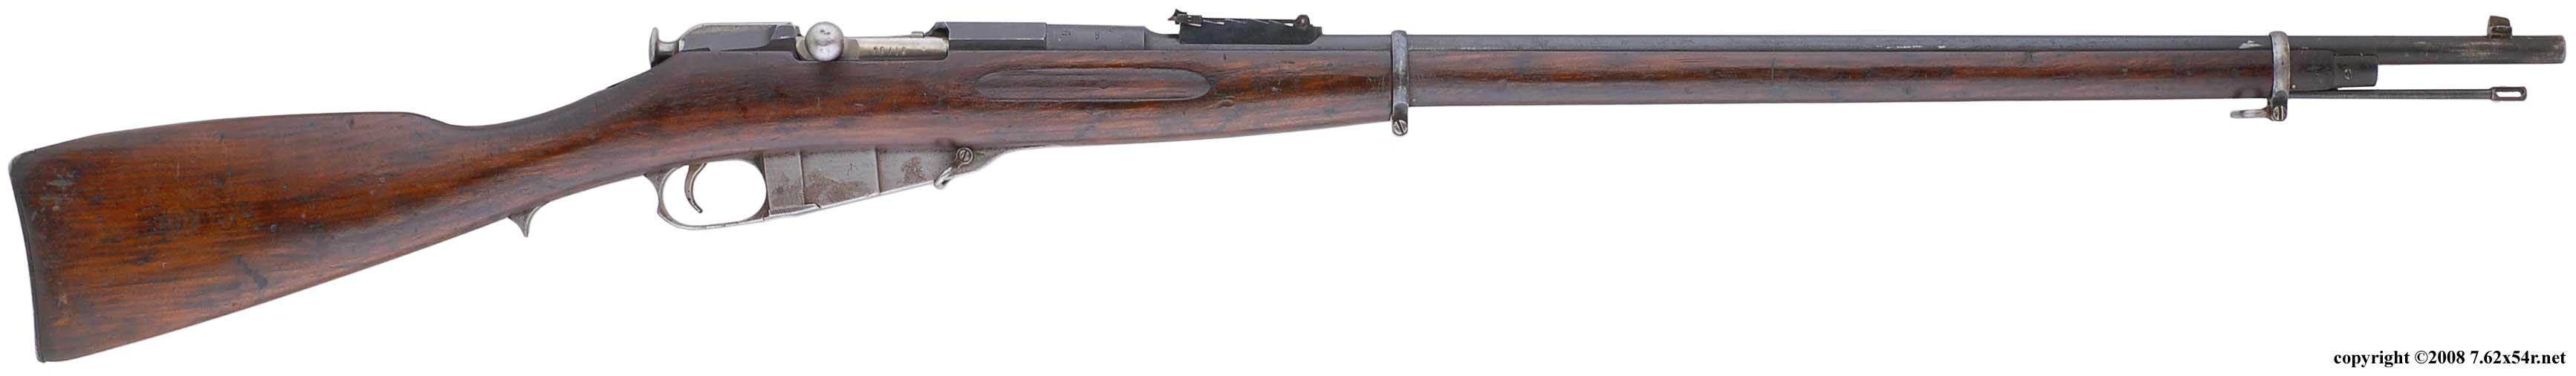 Mosin 1891